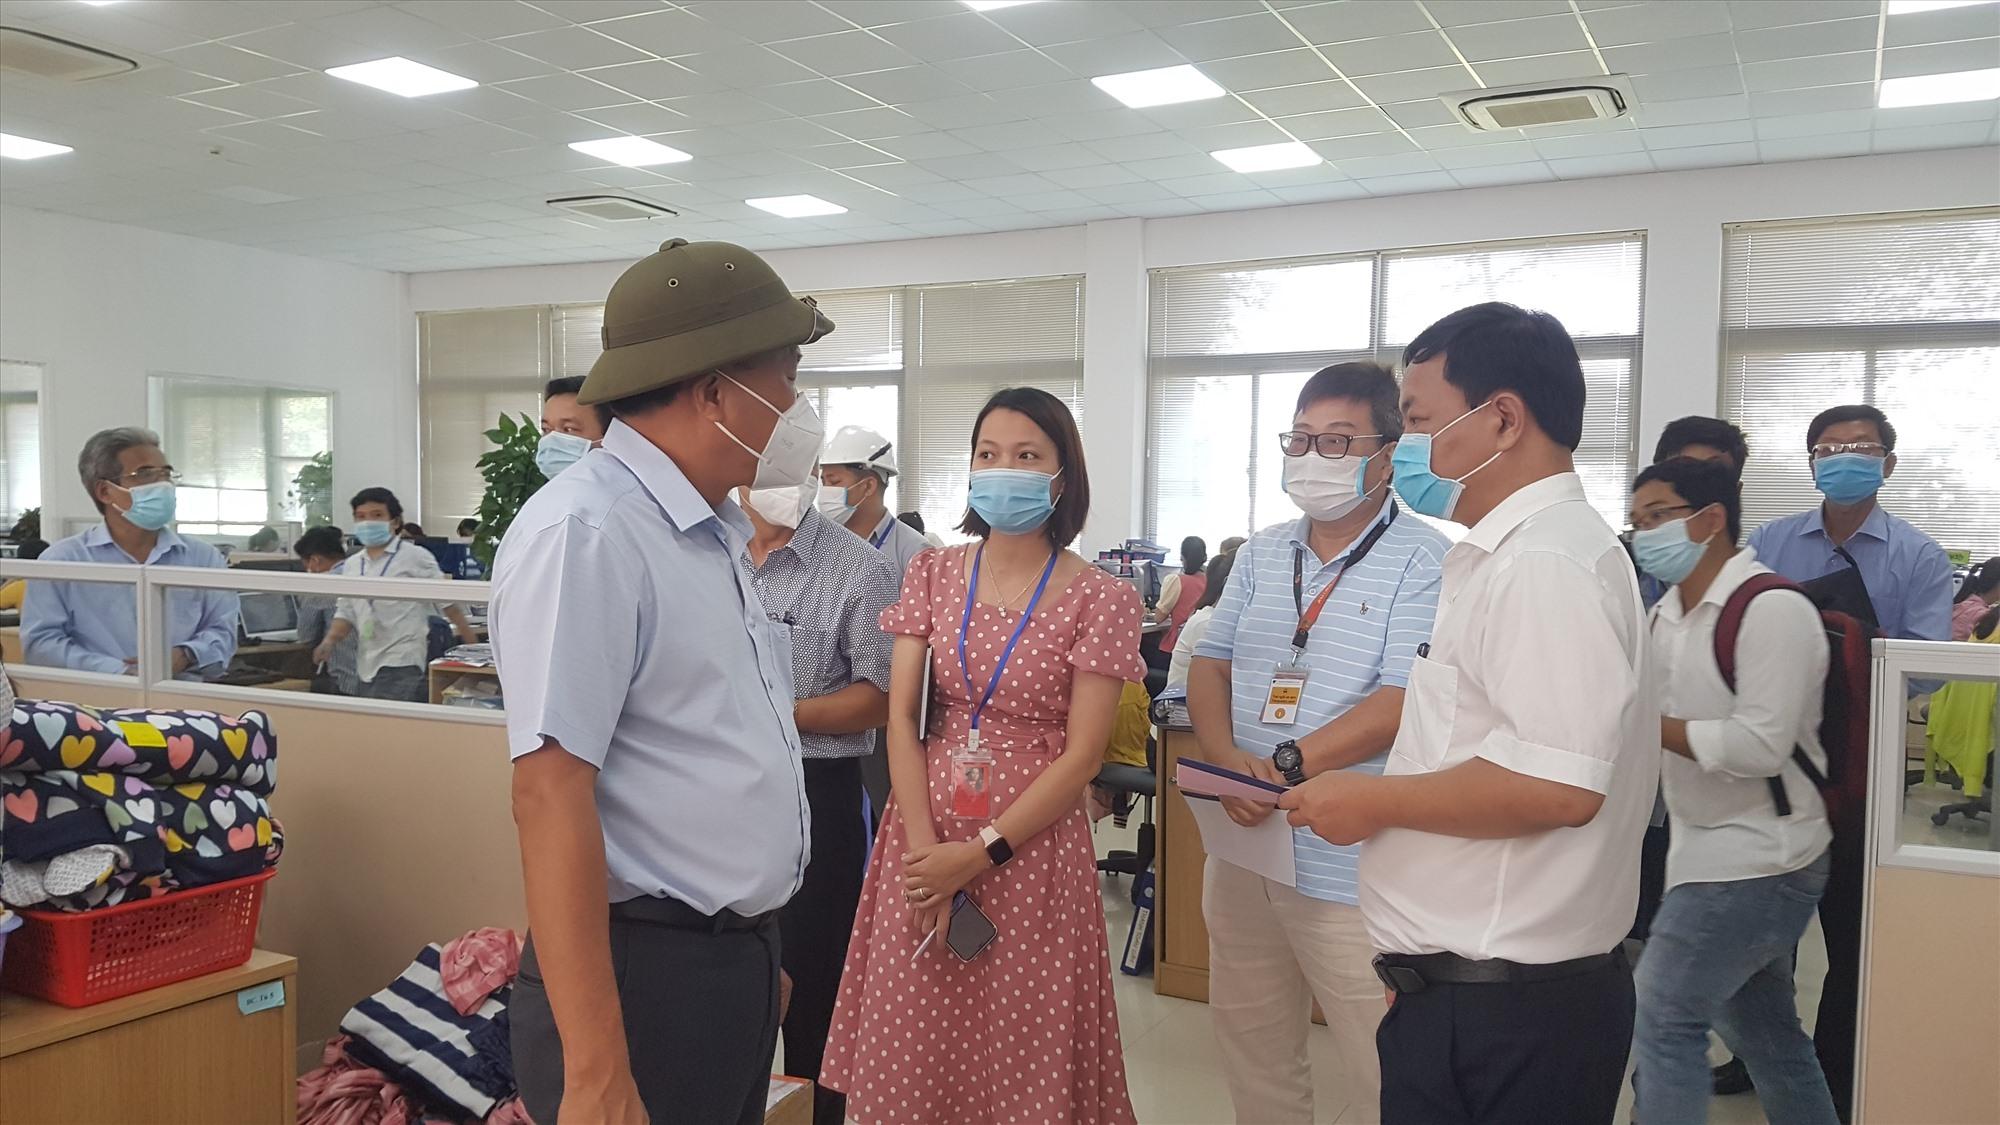 Phó Chủ tịch UBND tỉnh Nguyễn Hồng Quang kiểm tra công tác phòng chống dịch trong doanh nghiệp vào cuối tuần qua. Ảnh: D.L